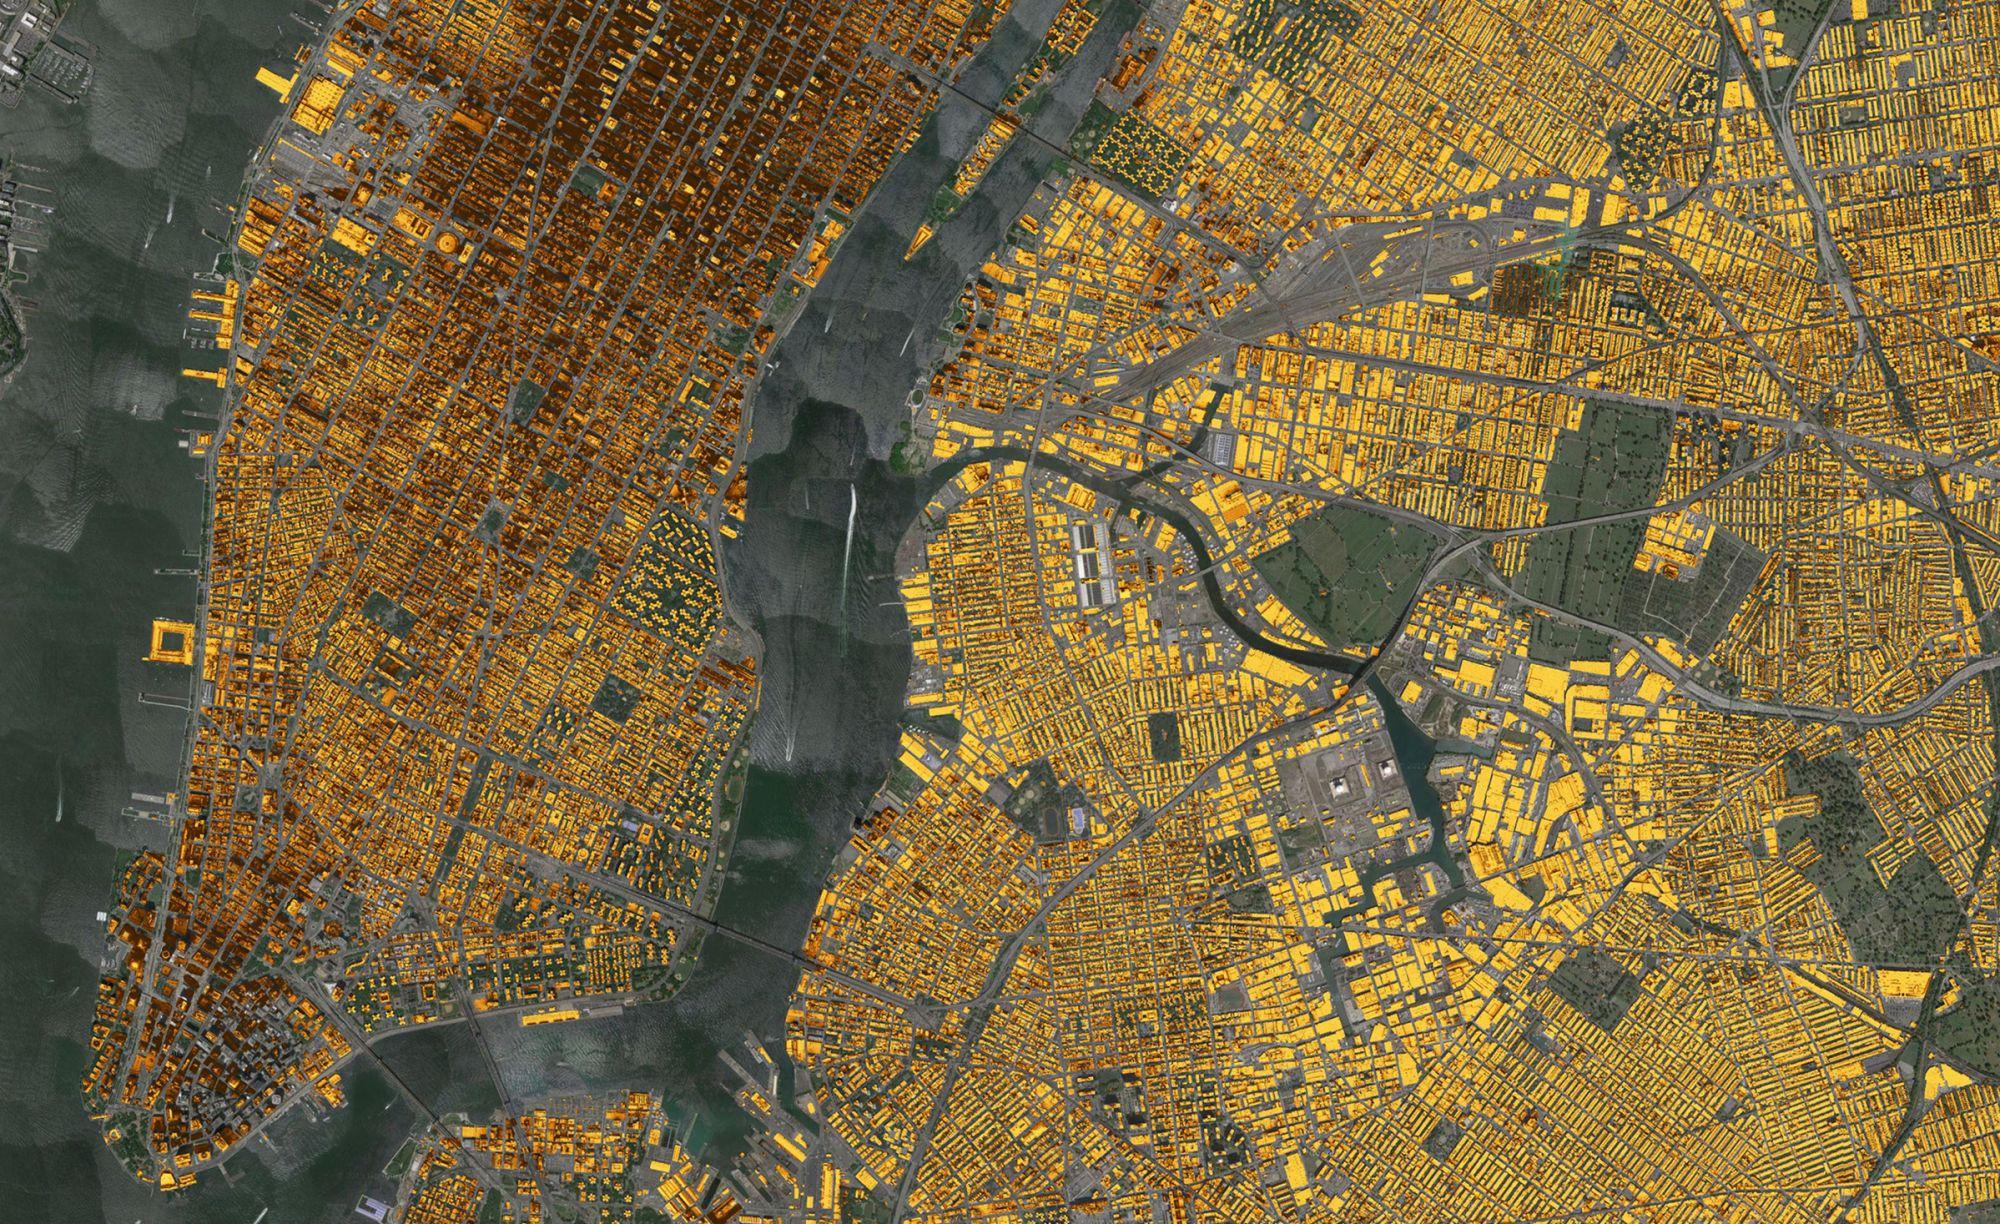 126 млн замеров понадобилось для точной трехмерной карты Кембриджа